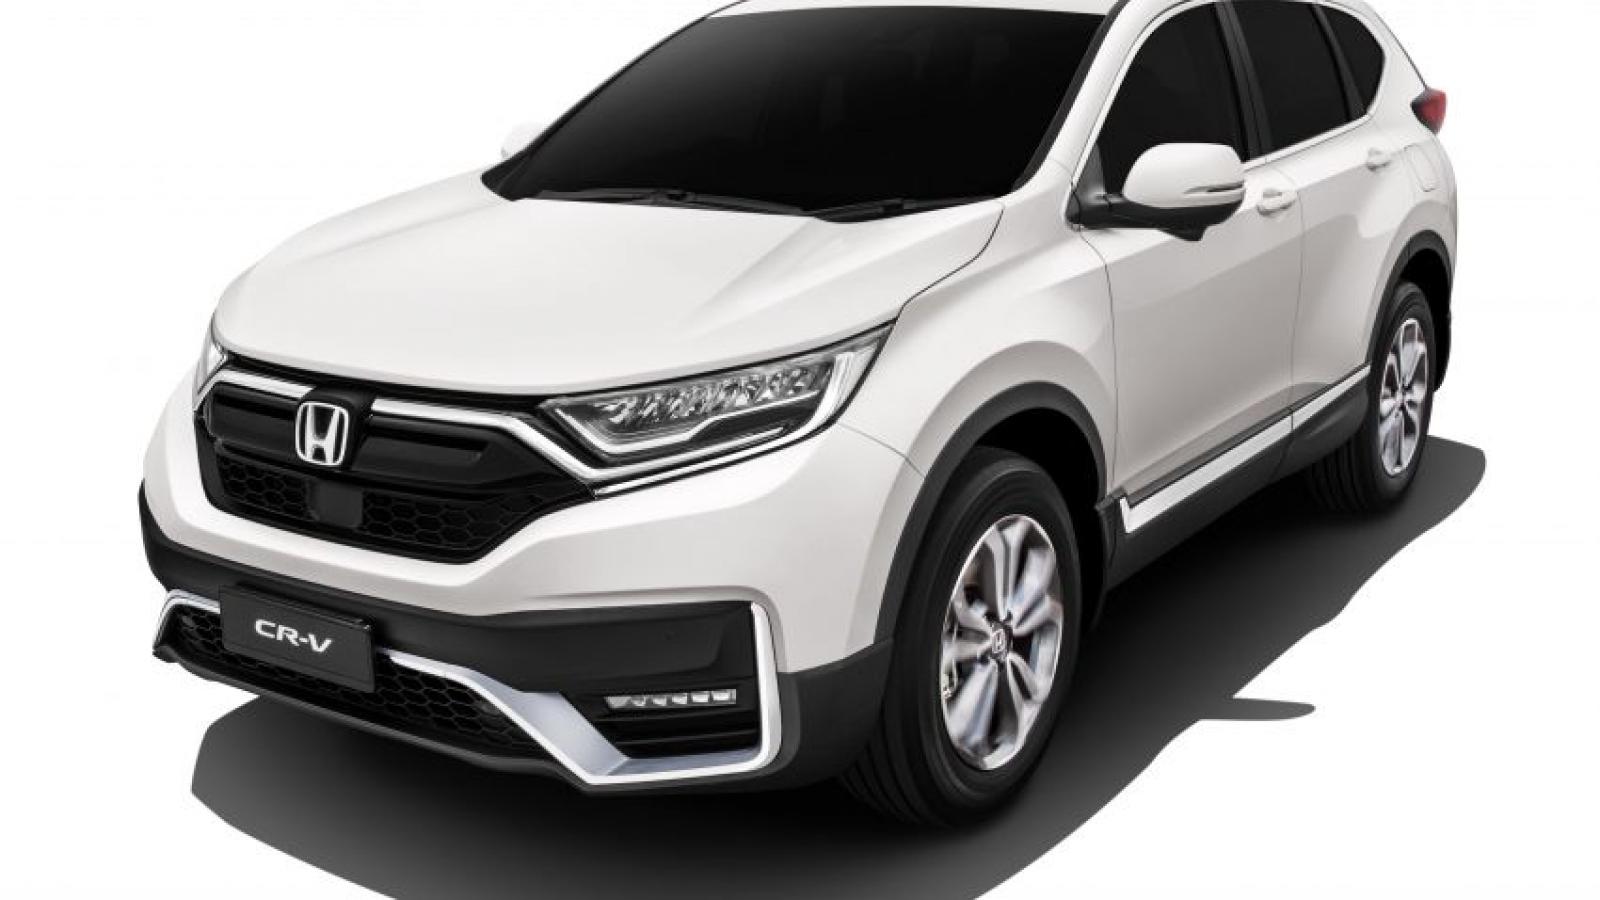 Honda CR-V 2020 bản nâng cấp chính thức ra mắt